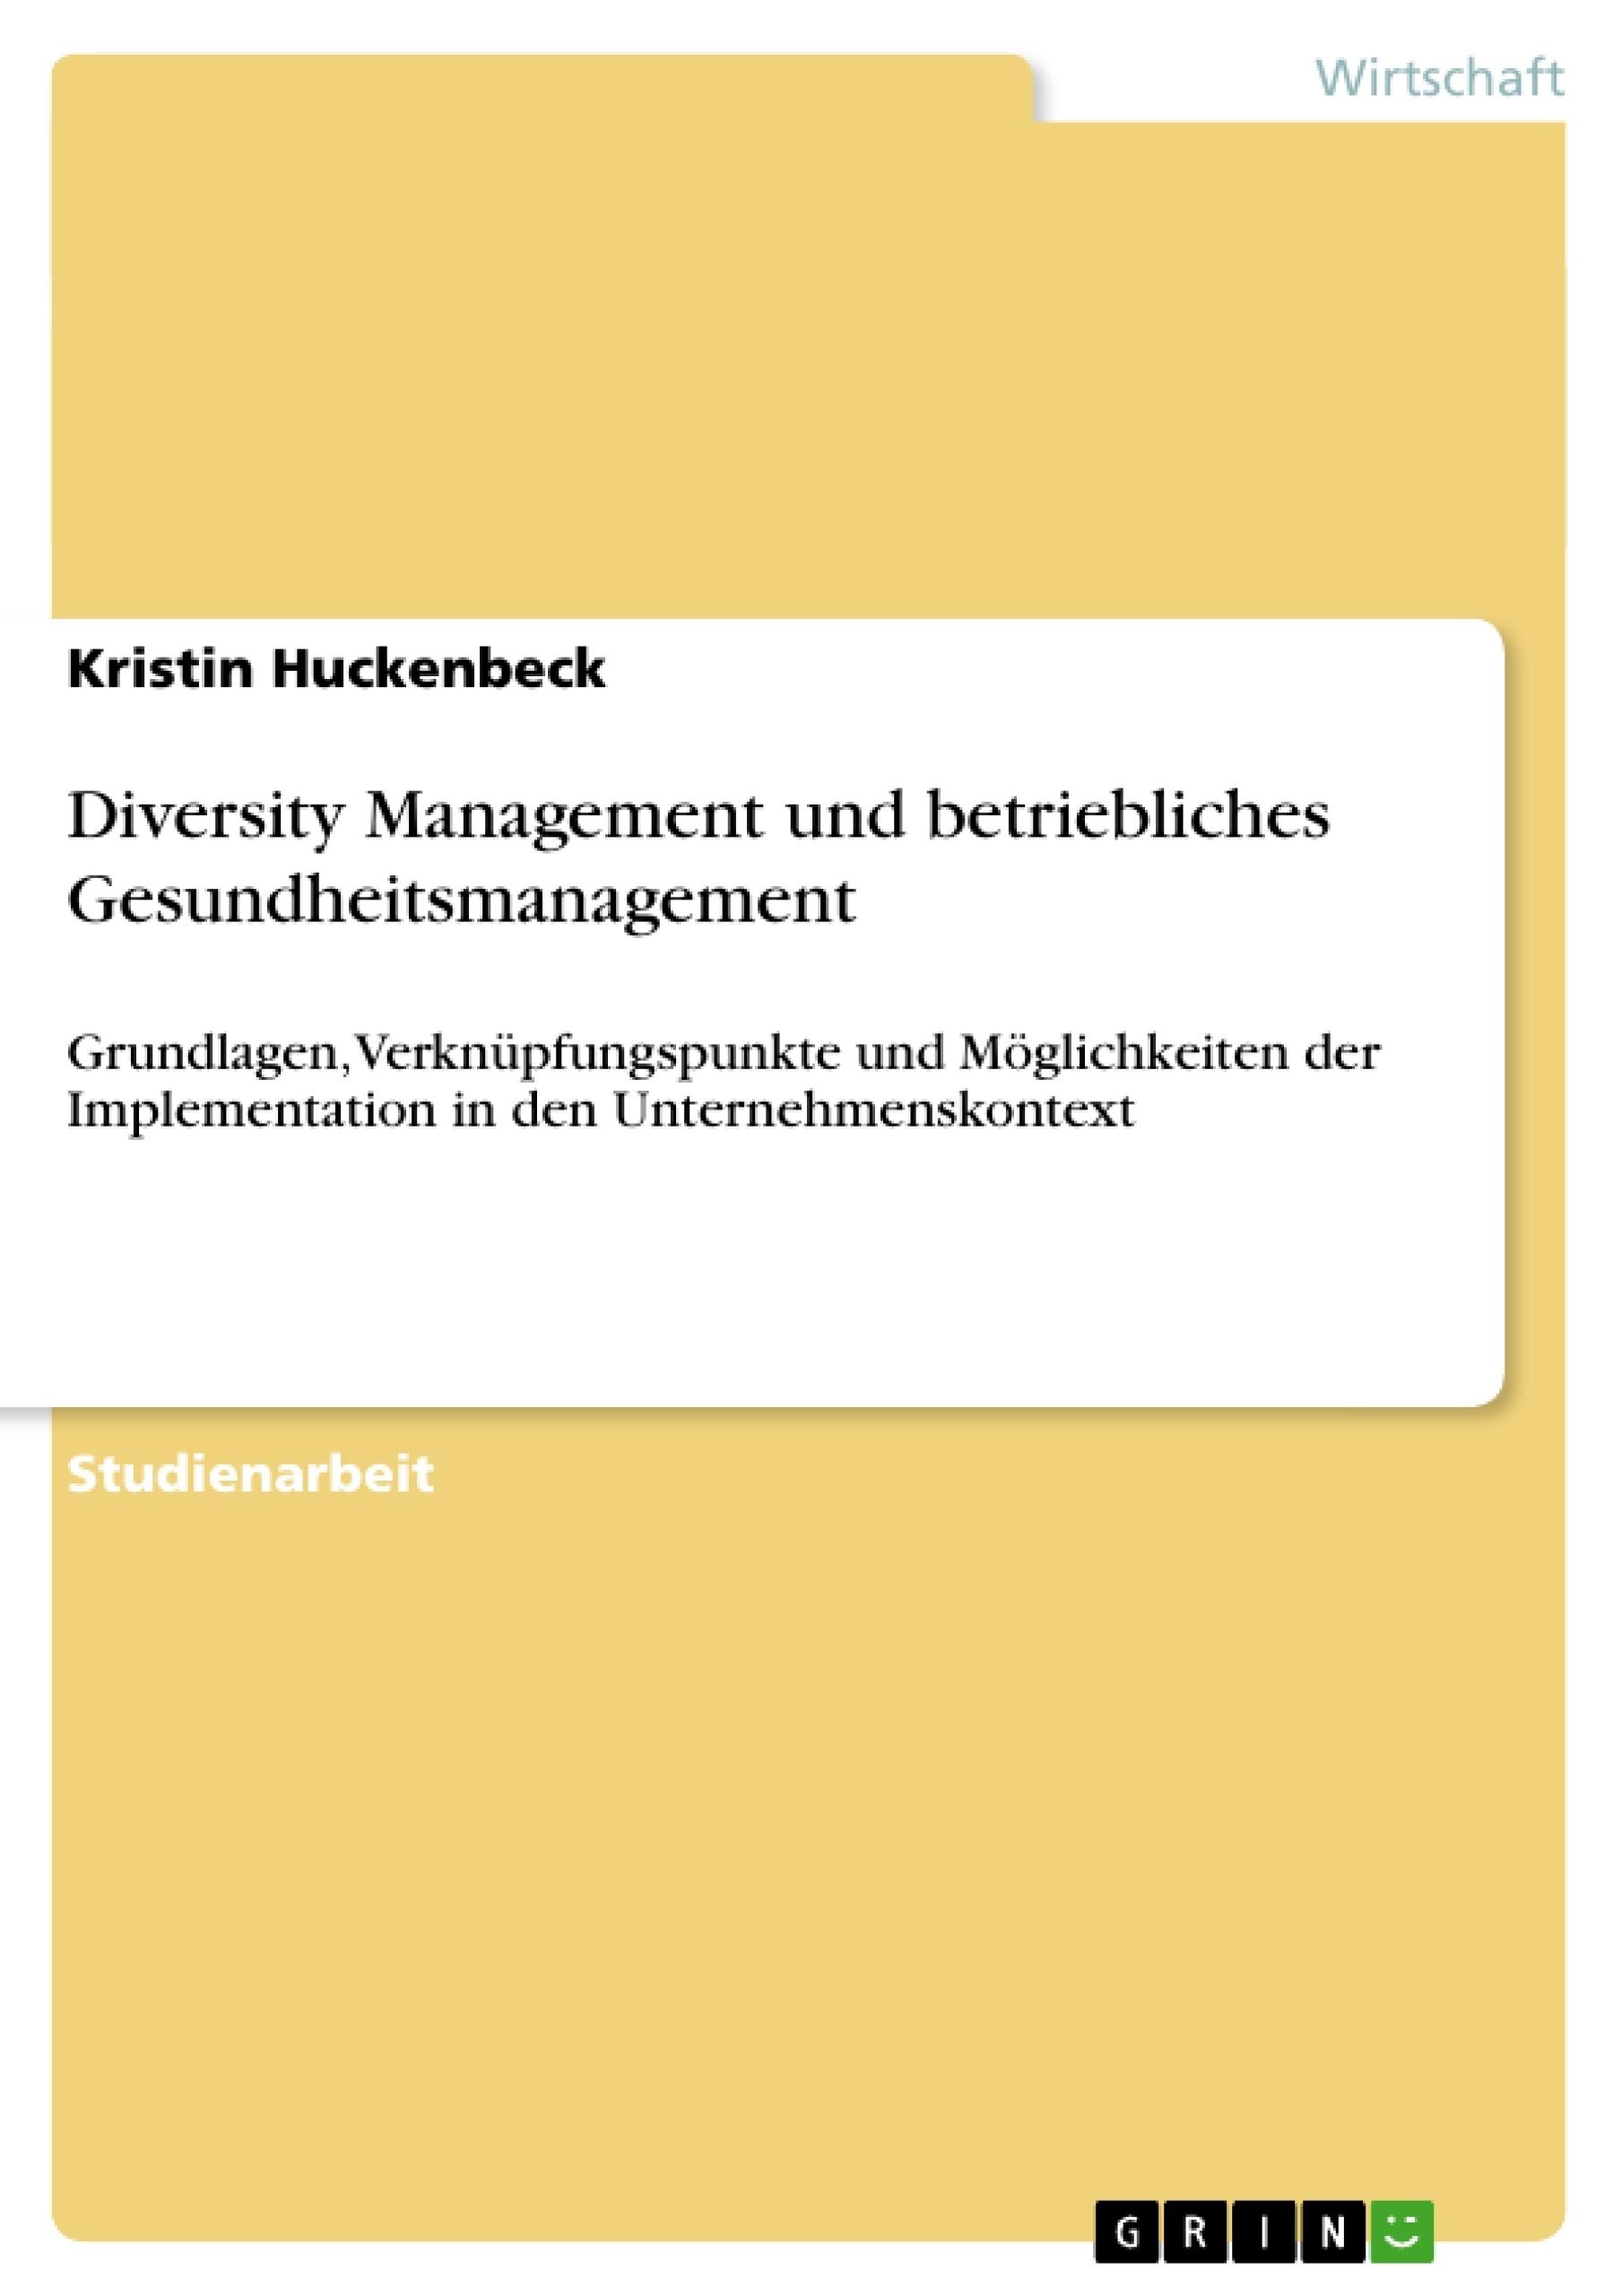 Titel: Diversity Management und betriebliches Gesundheitsmanagement